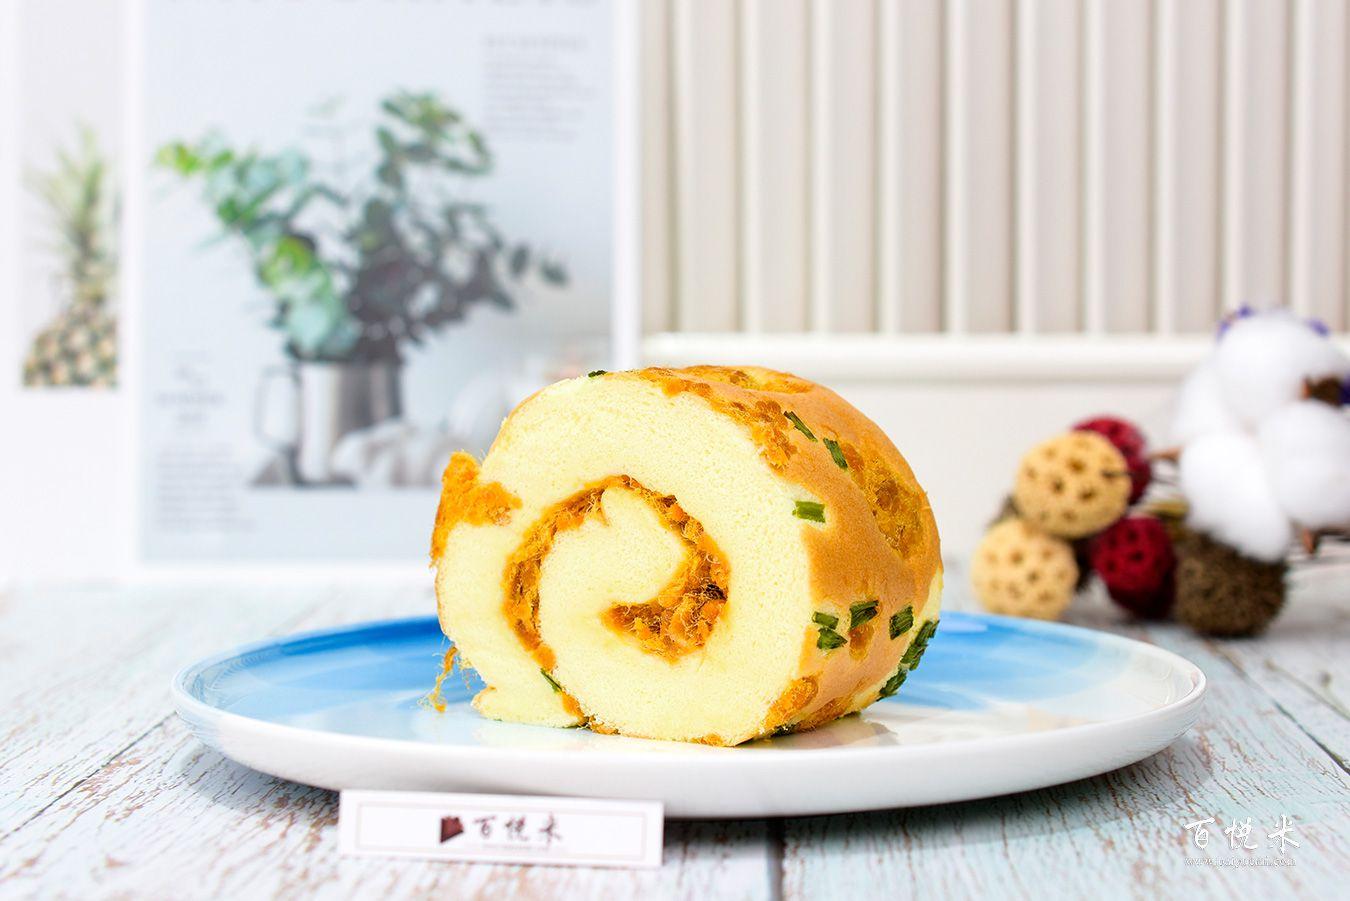 肉松卷高清图片大全【蛋糕图片】_293